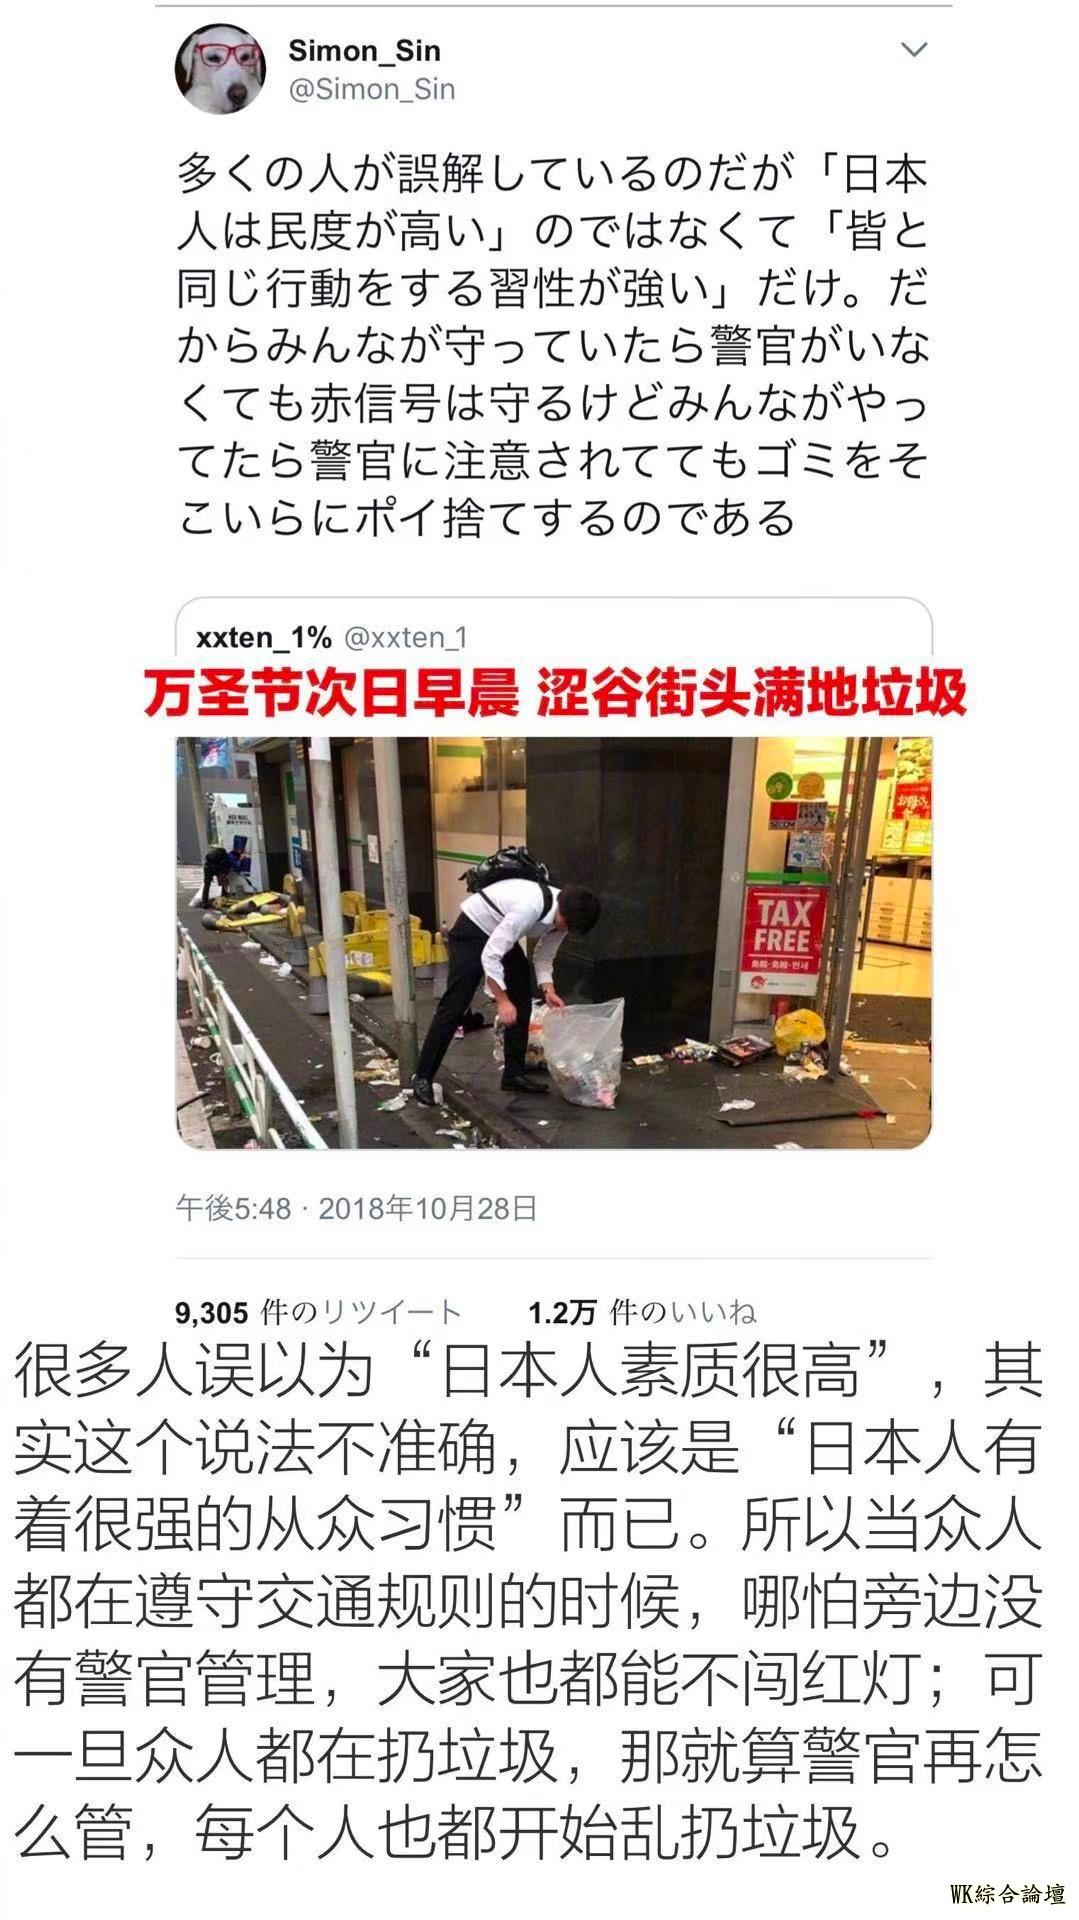 涩谷区长直言明年想收费了!万圣节狂欢到掀货车、教记者搭讪技巧、口吐白沫-18.jpg